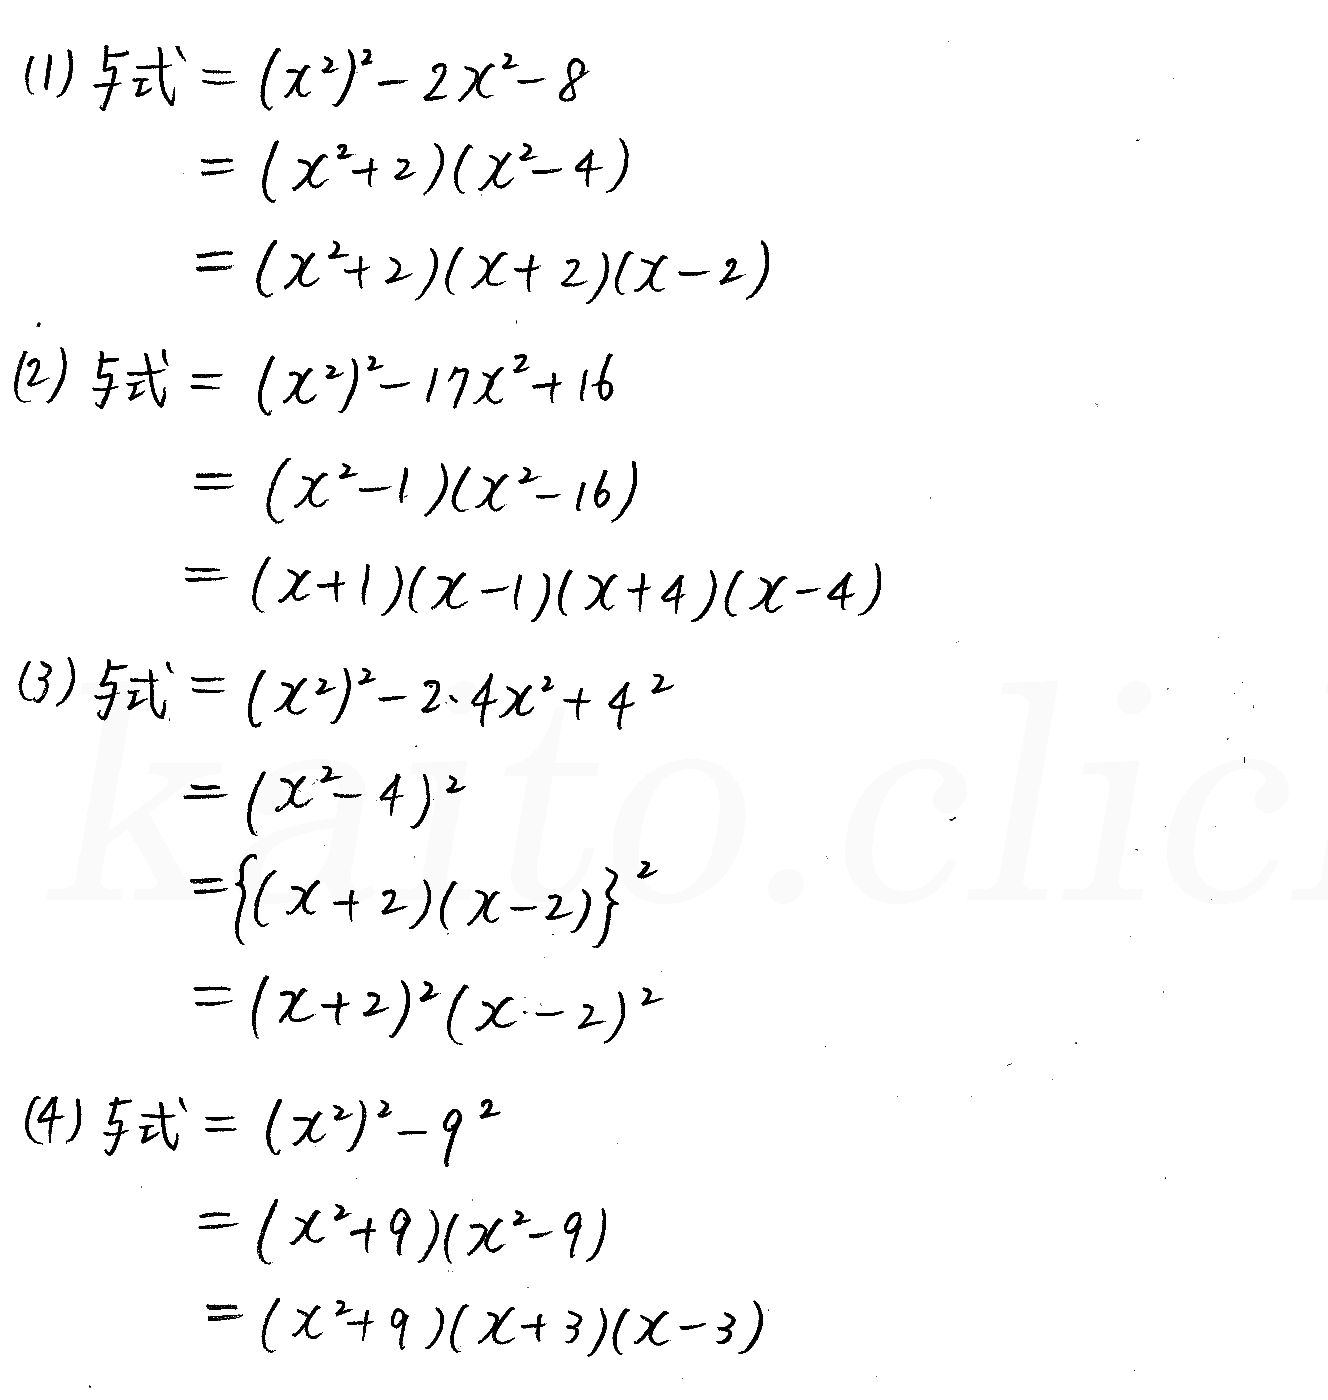 クリアー数学1-41解答